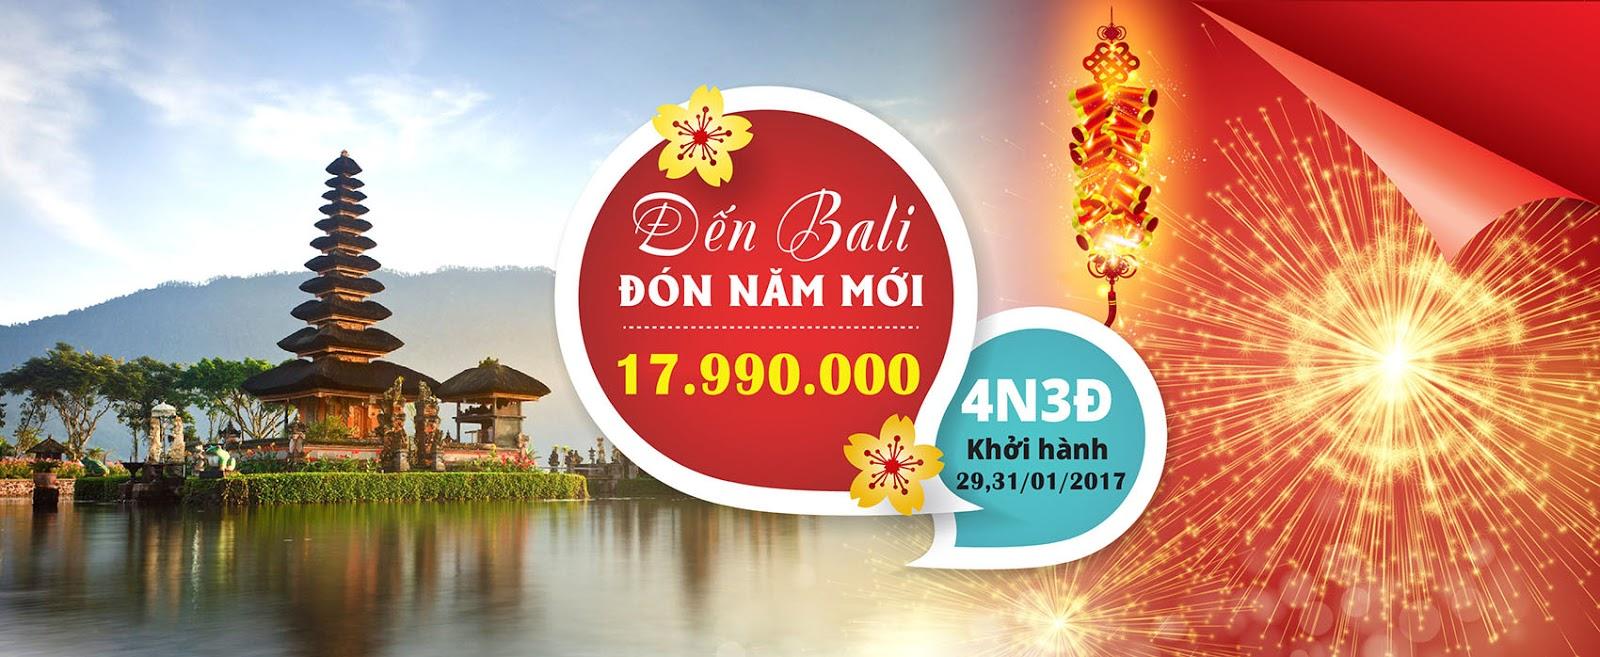 Đón tết cùng tour du lịch đảo Bali giá rẻ